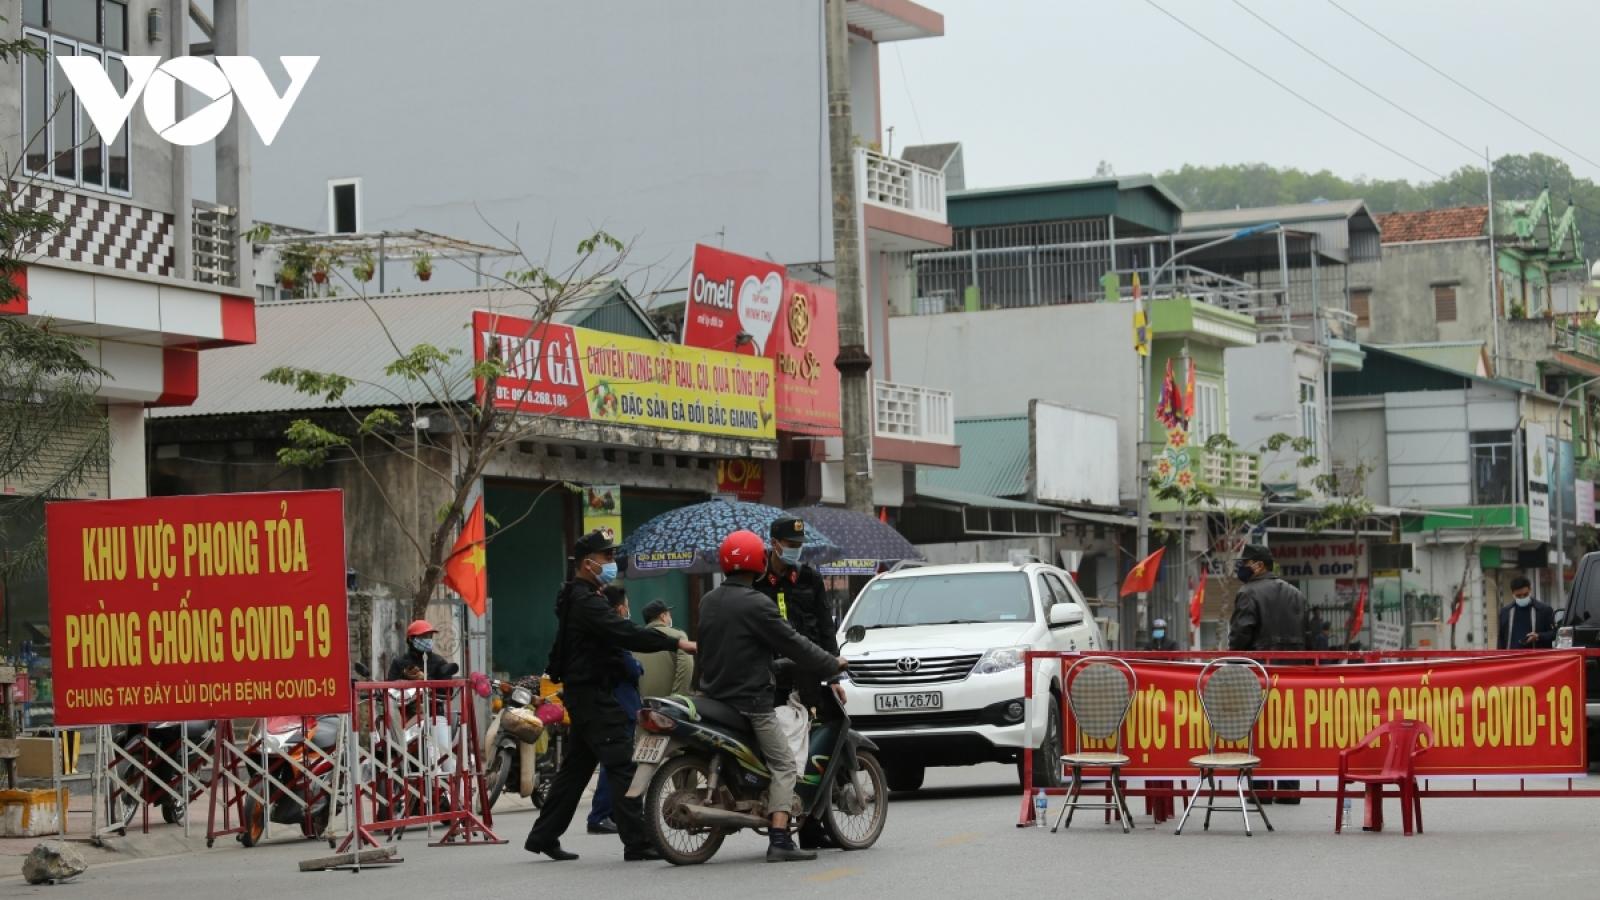 Bắc Ninh tập trung cao độ chống dịch COVID-19, đảm bảo an toàn sản xuất